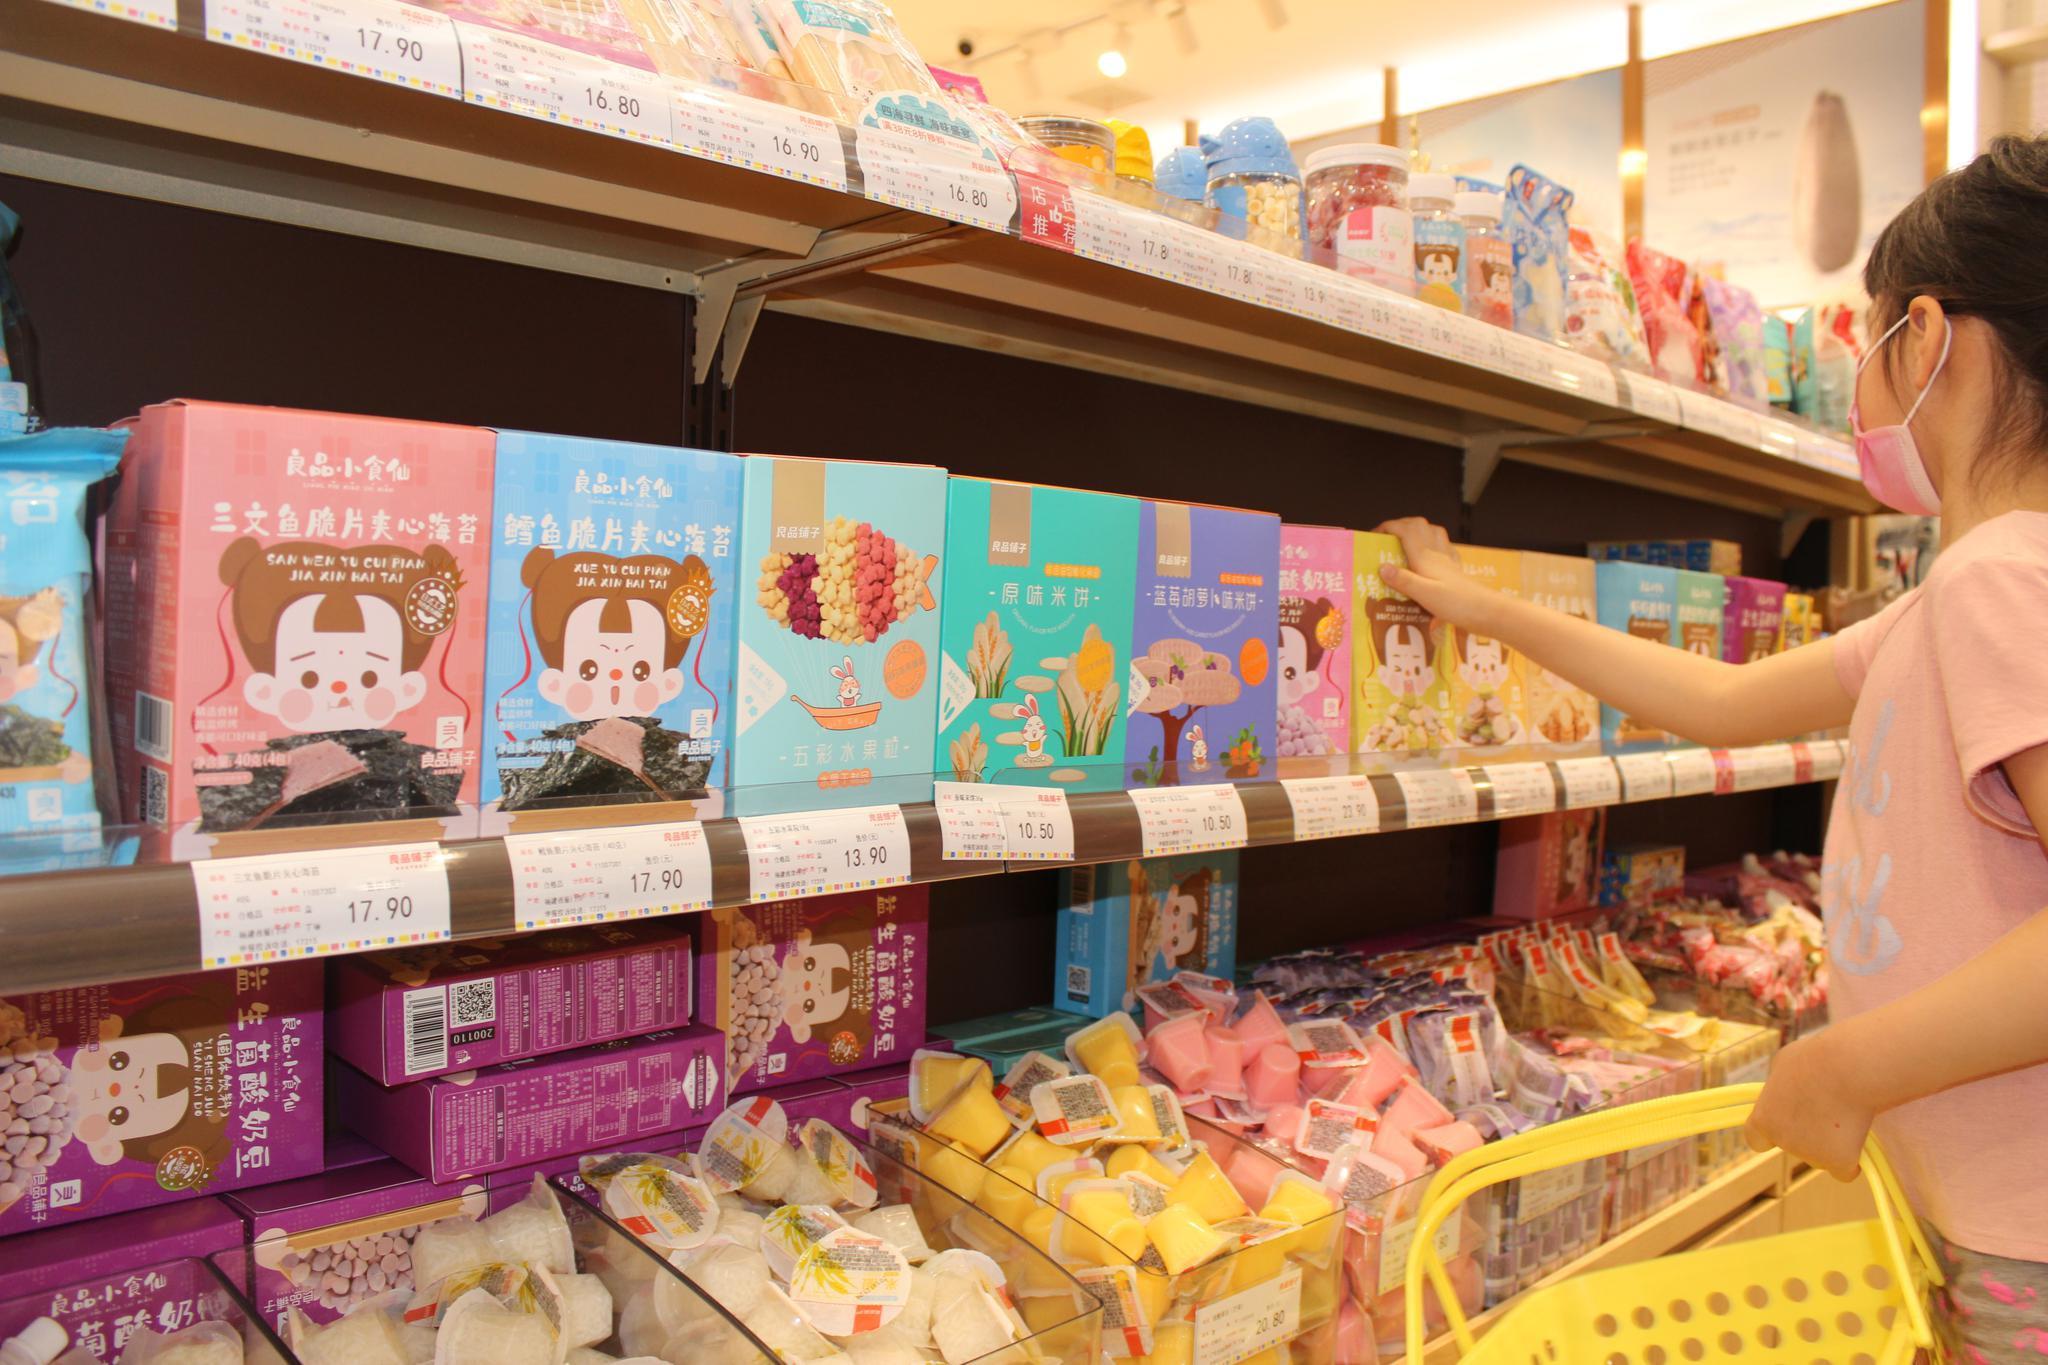 [摩天注册]零食市场规模今摩天注册年有望破600图片